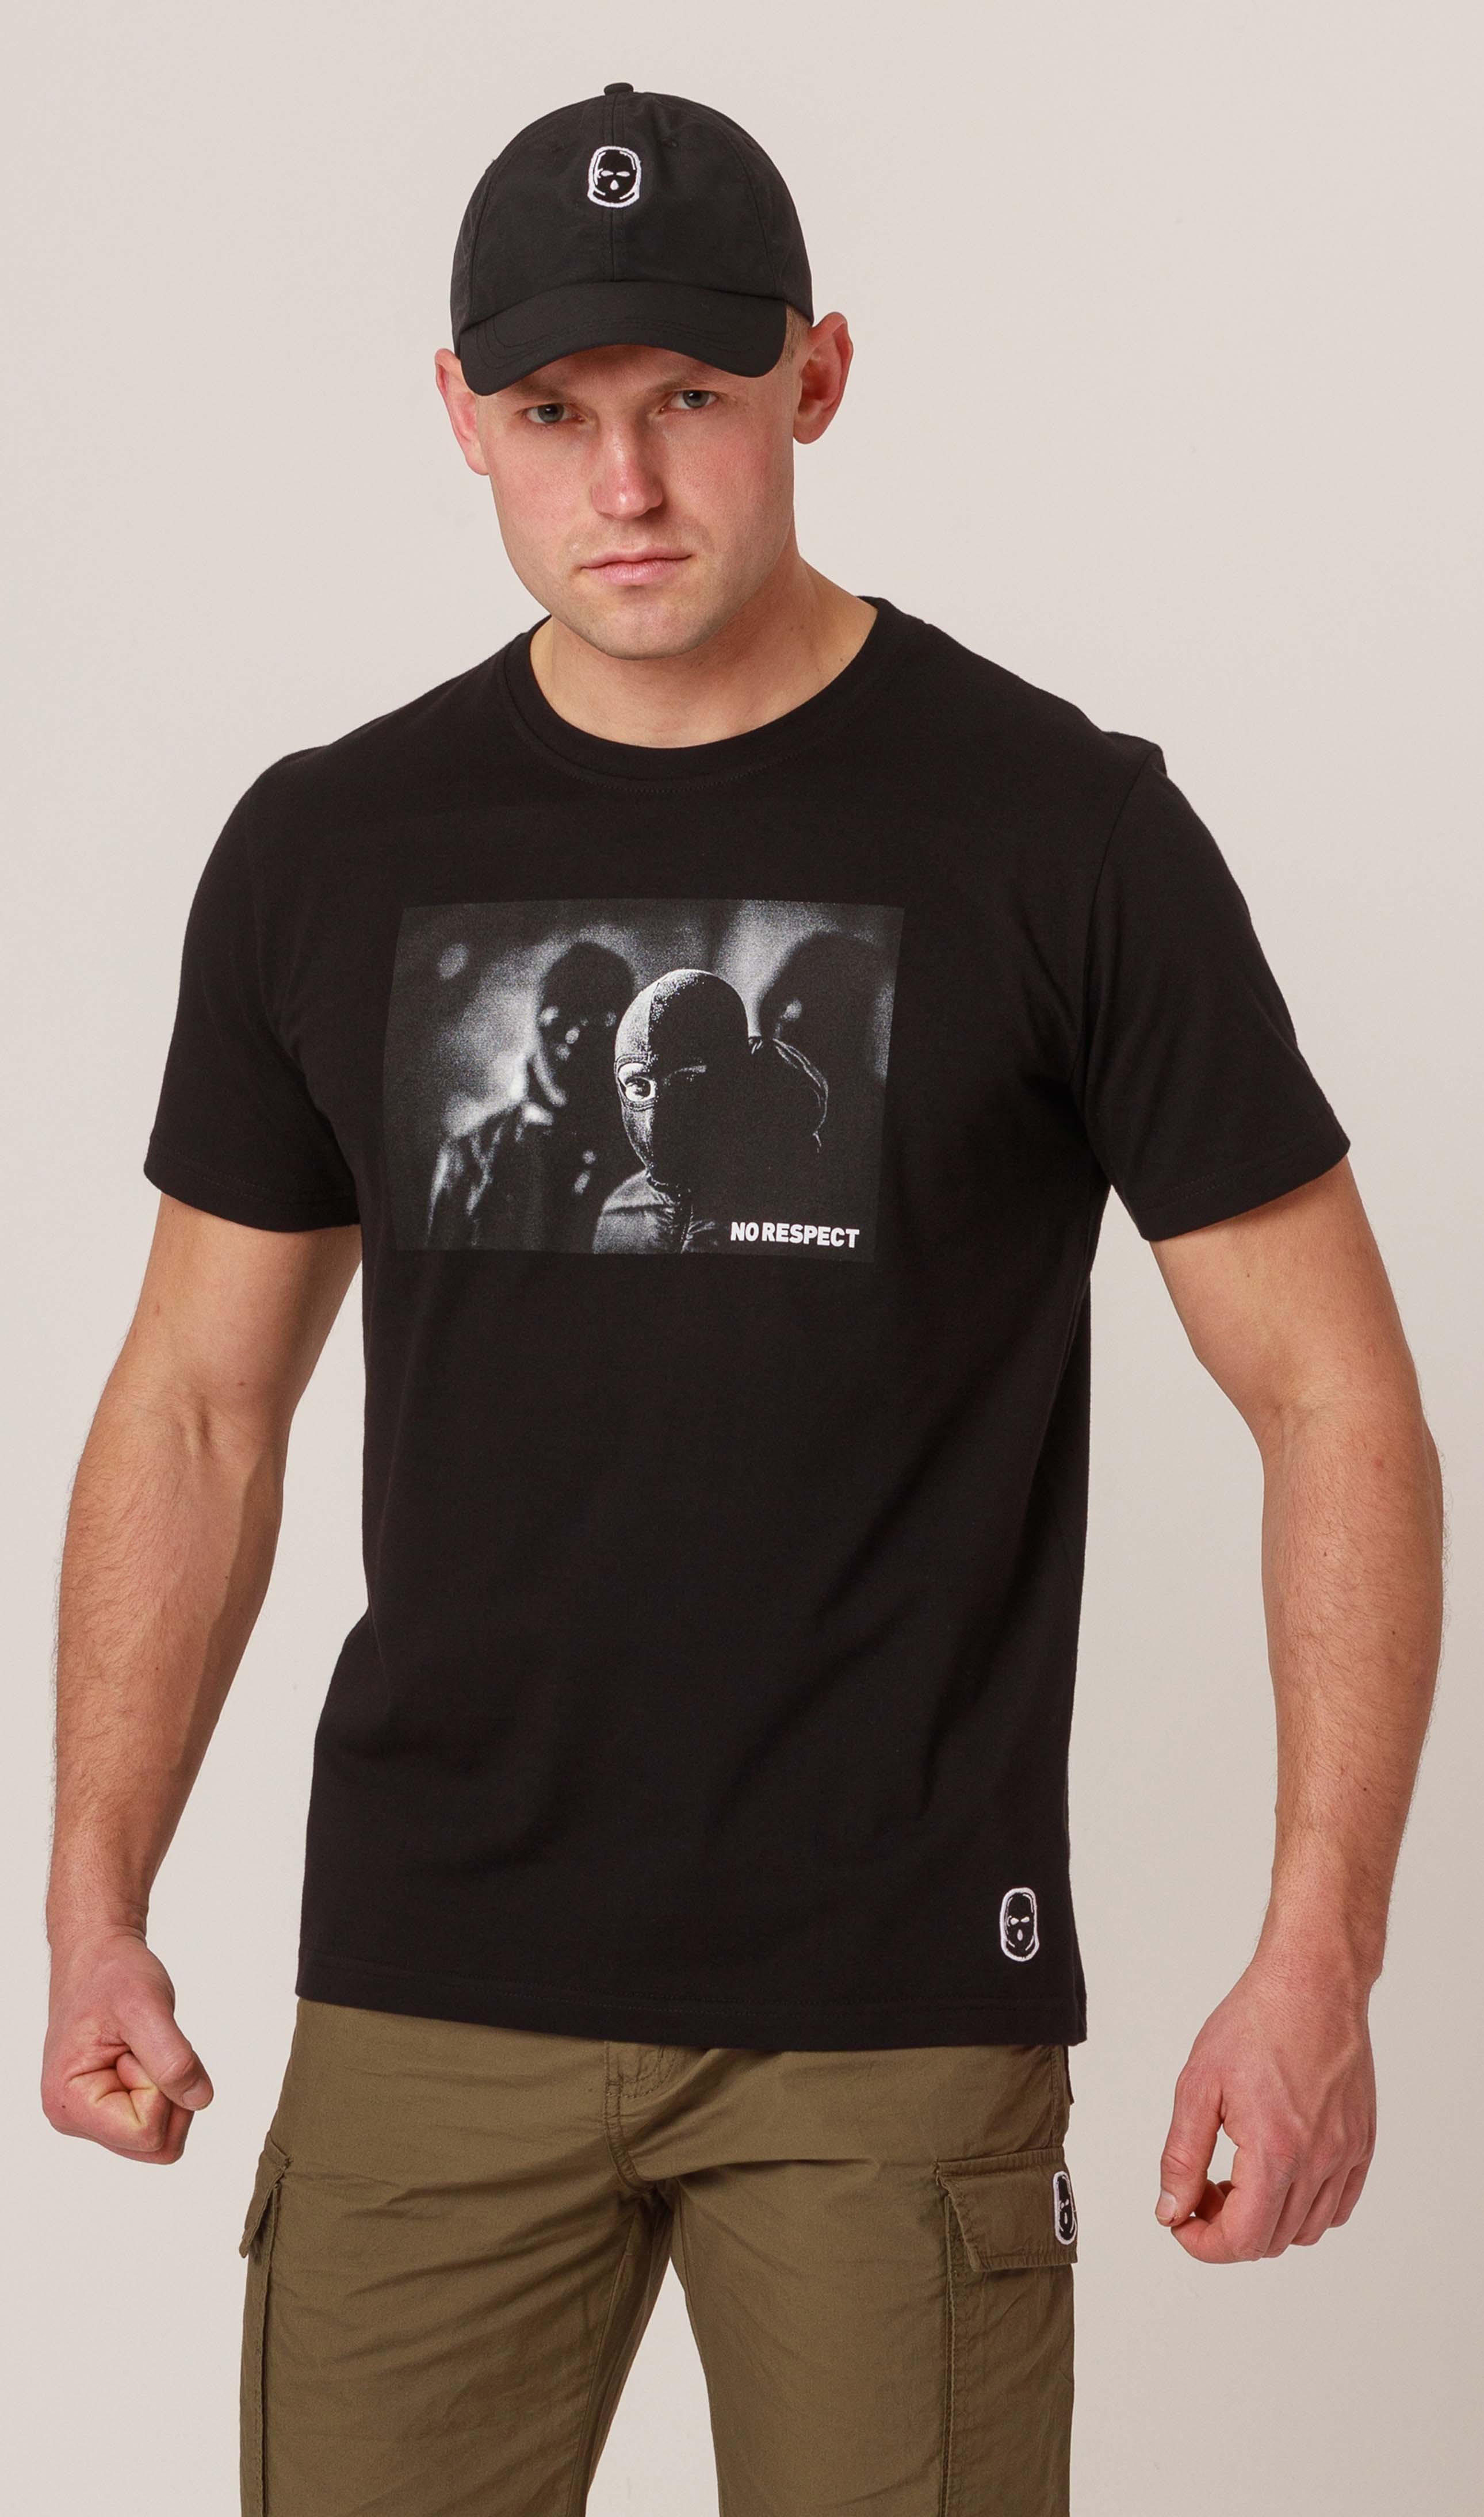 NRBSS202119 T-shirt NO RESPECT Photo Black S